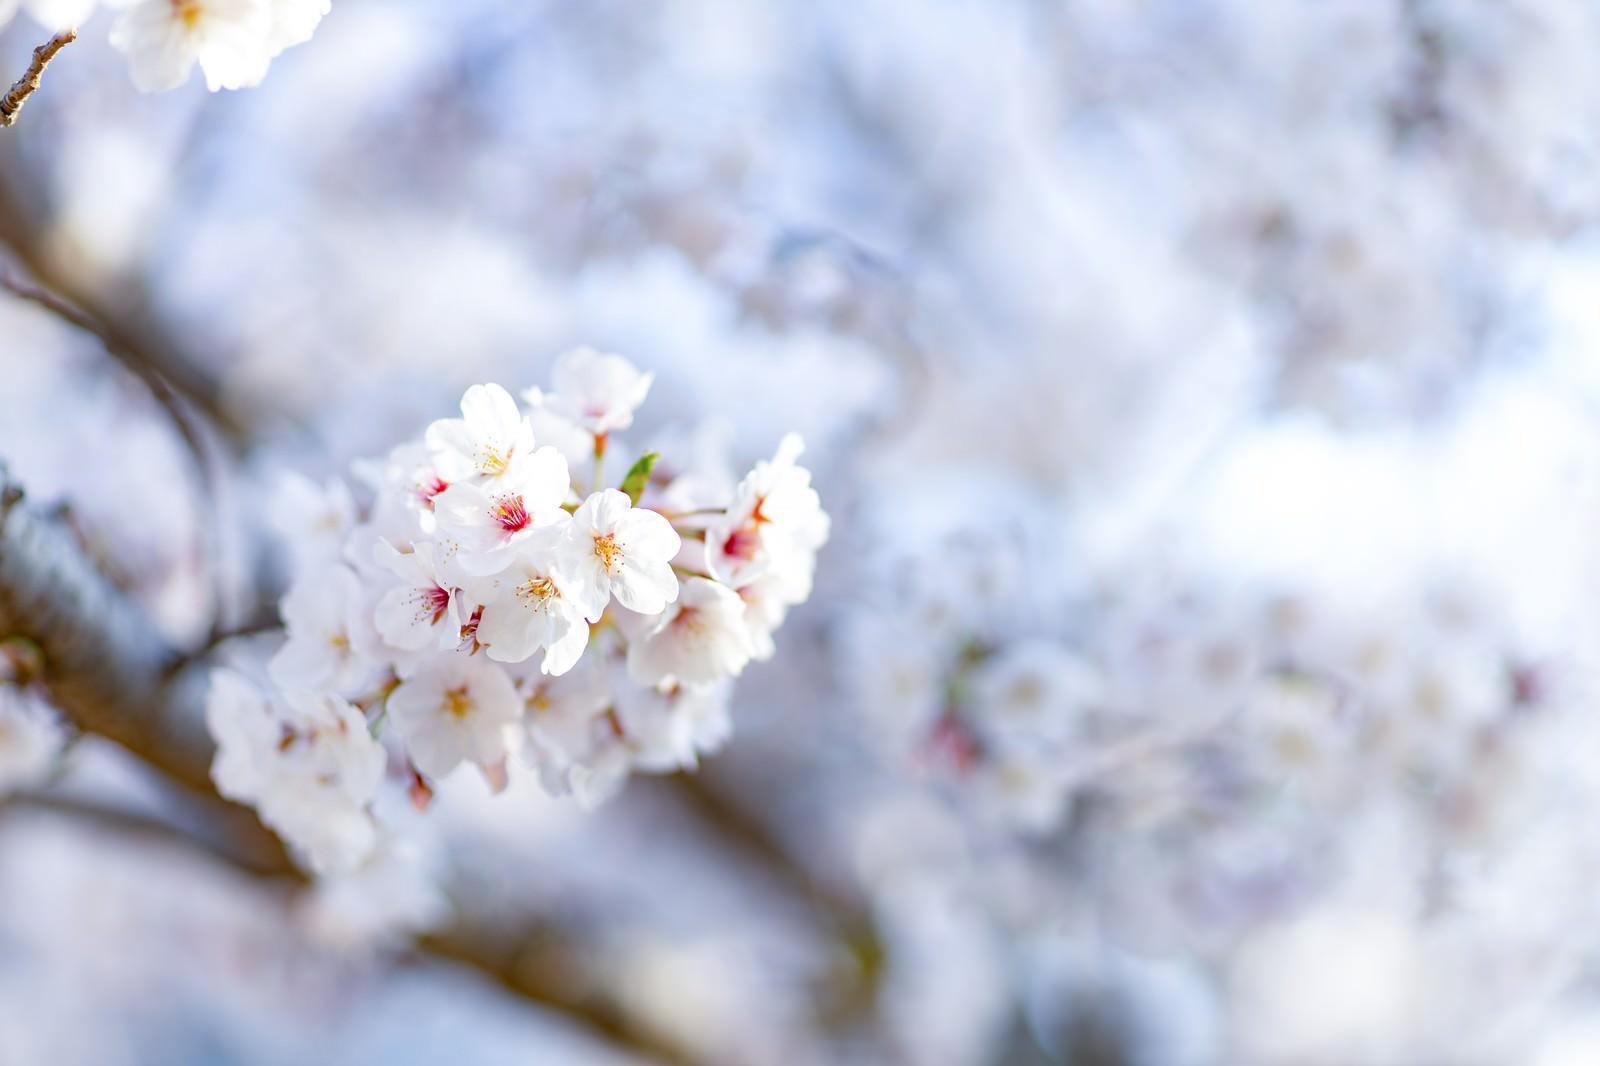 「開花した桜の花」の写真